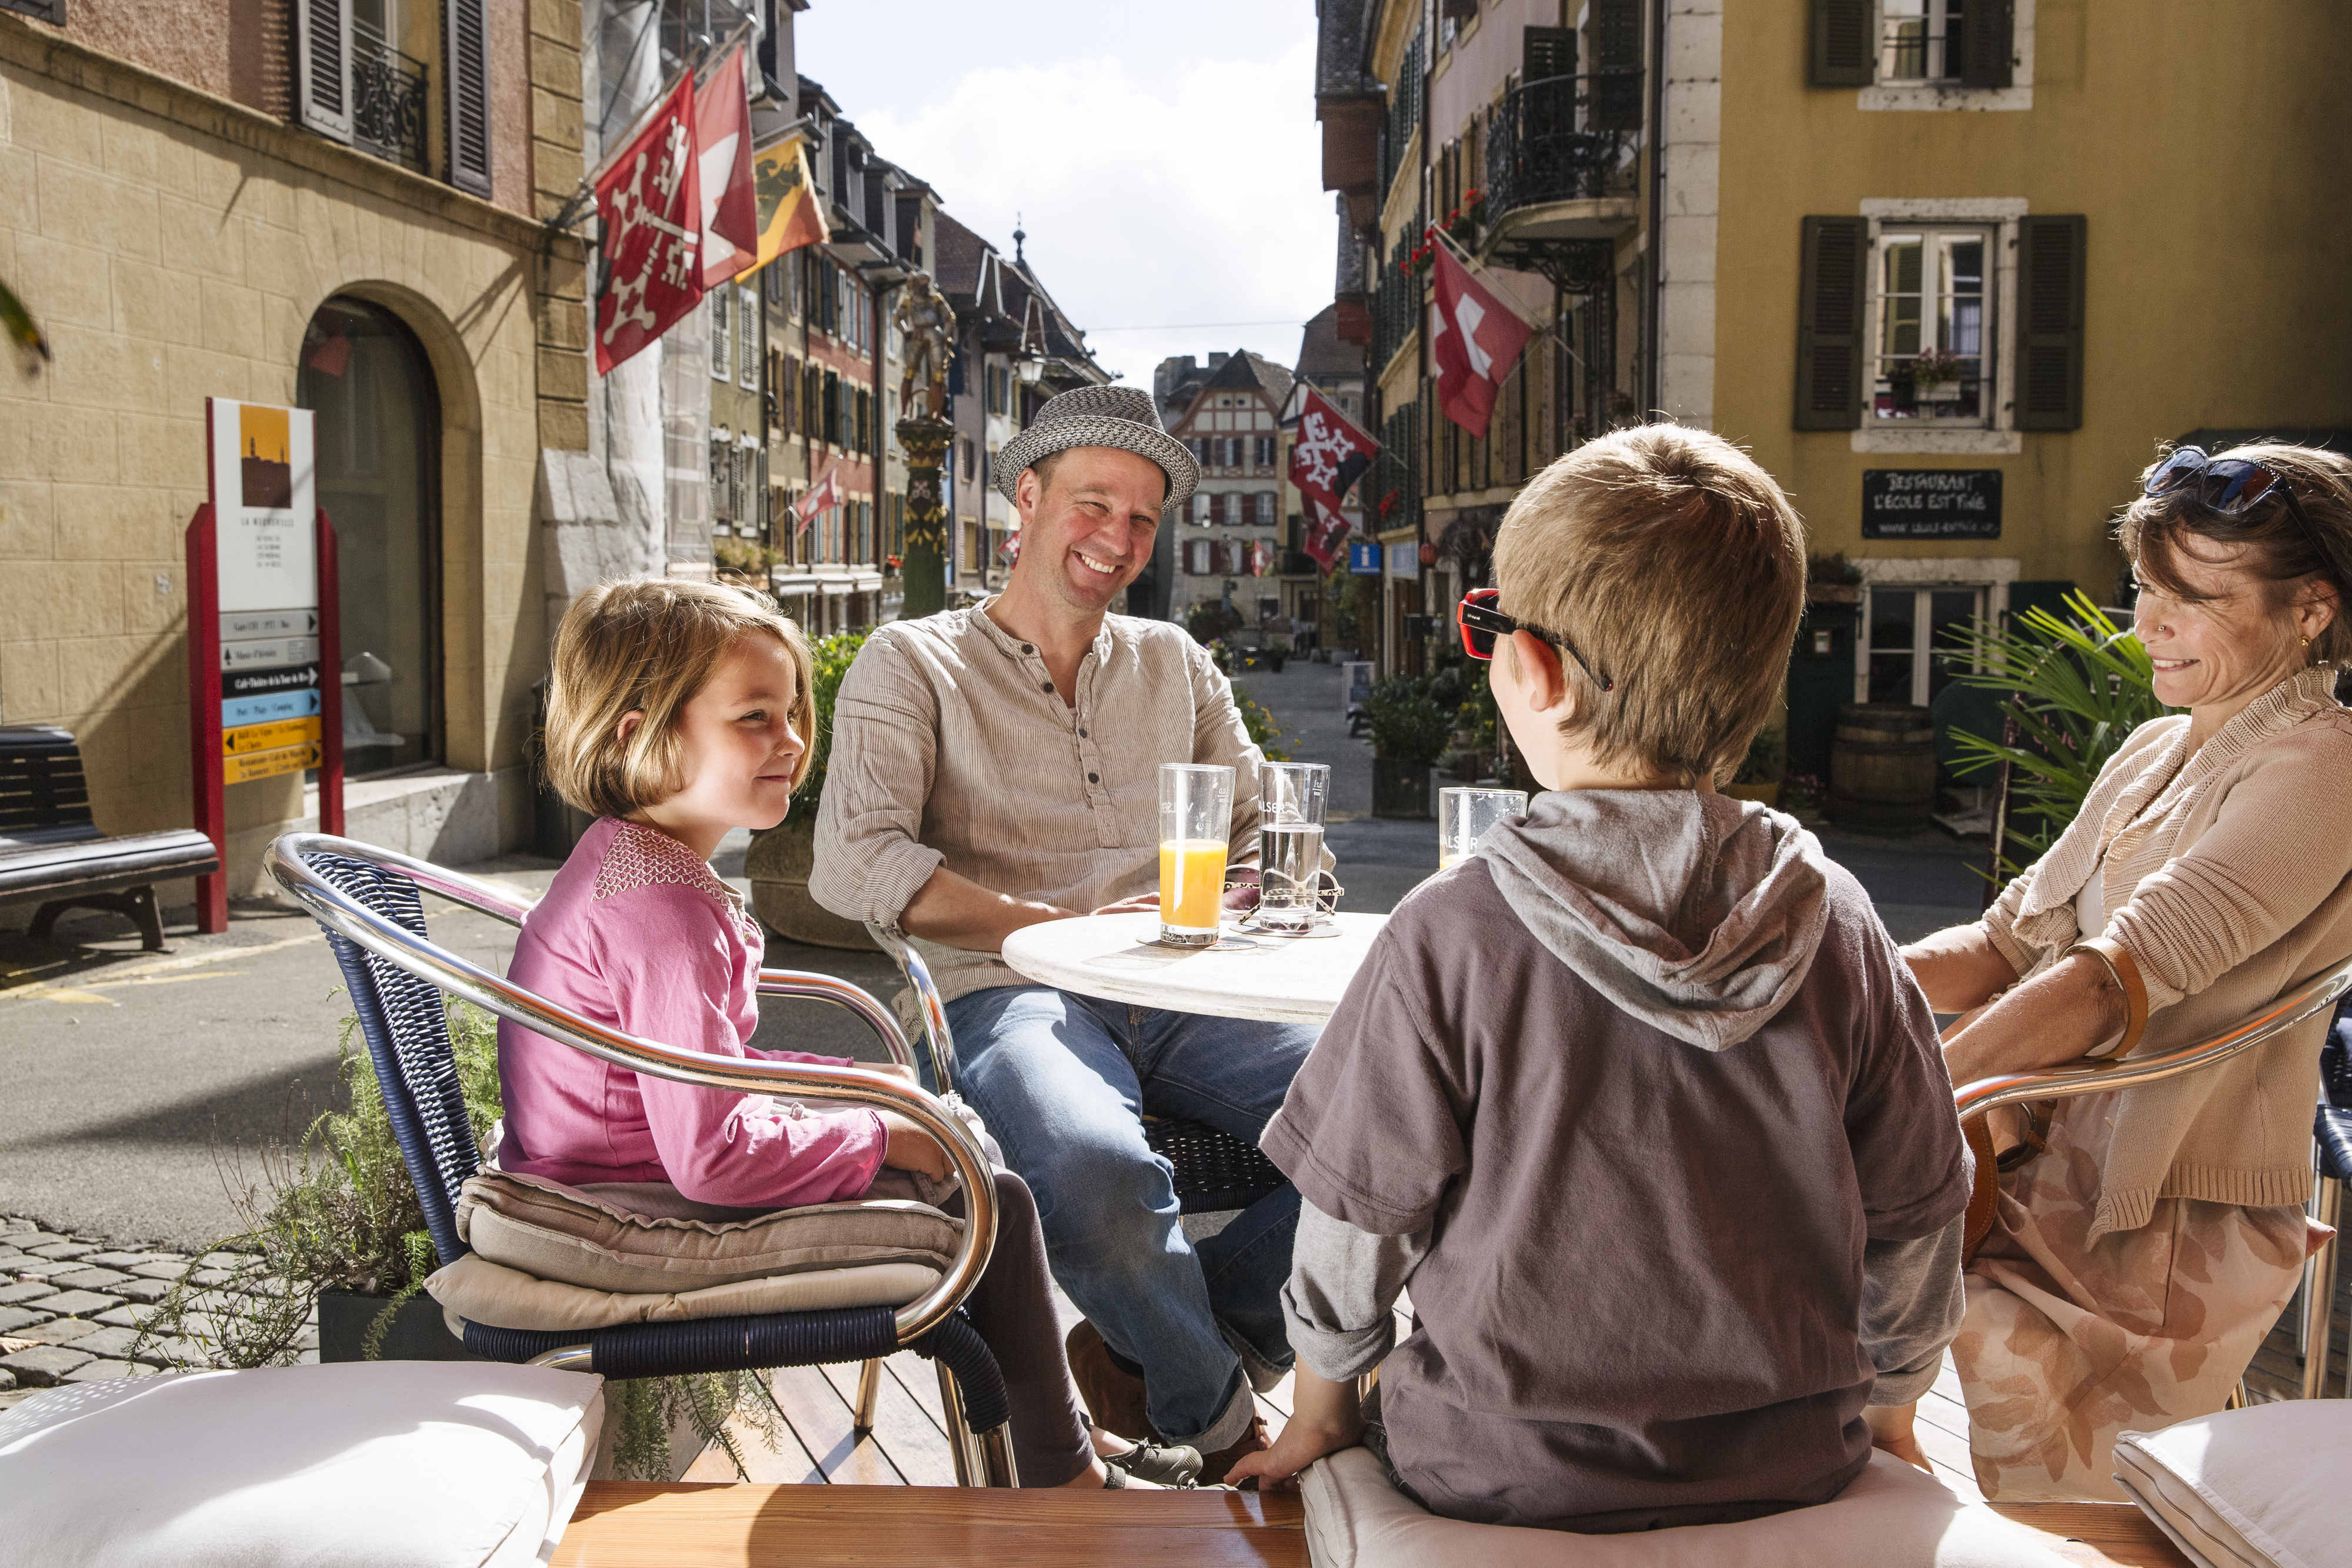 Les plus beaux villages de Suisse romande - La Neuveville (Jura bernois)